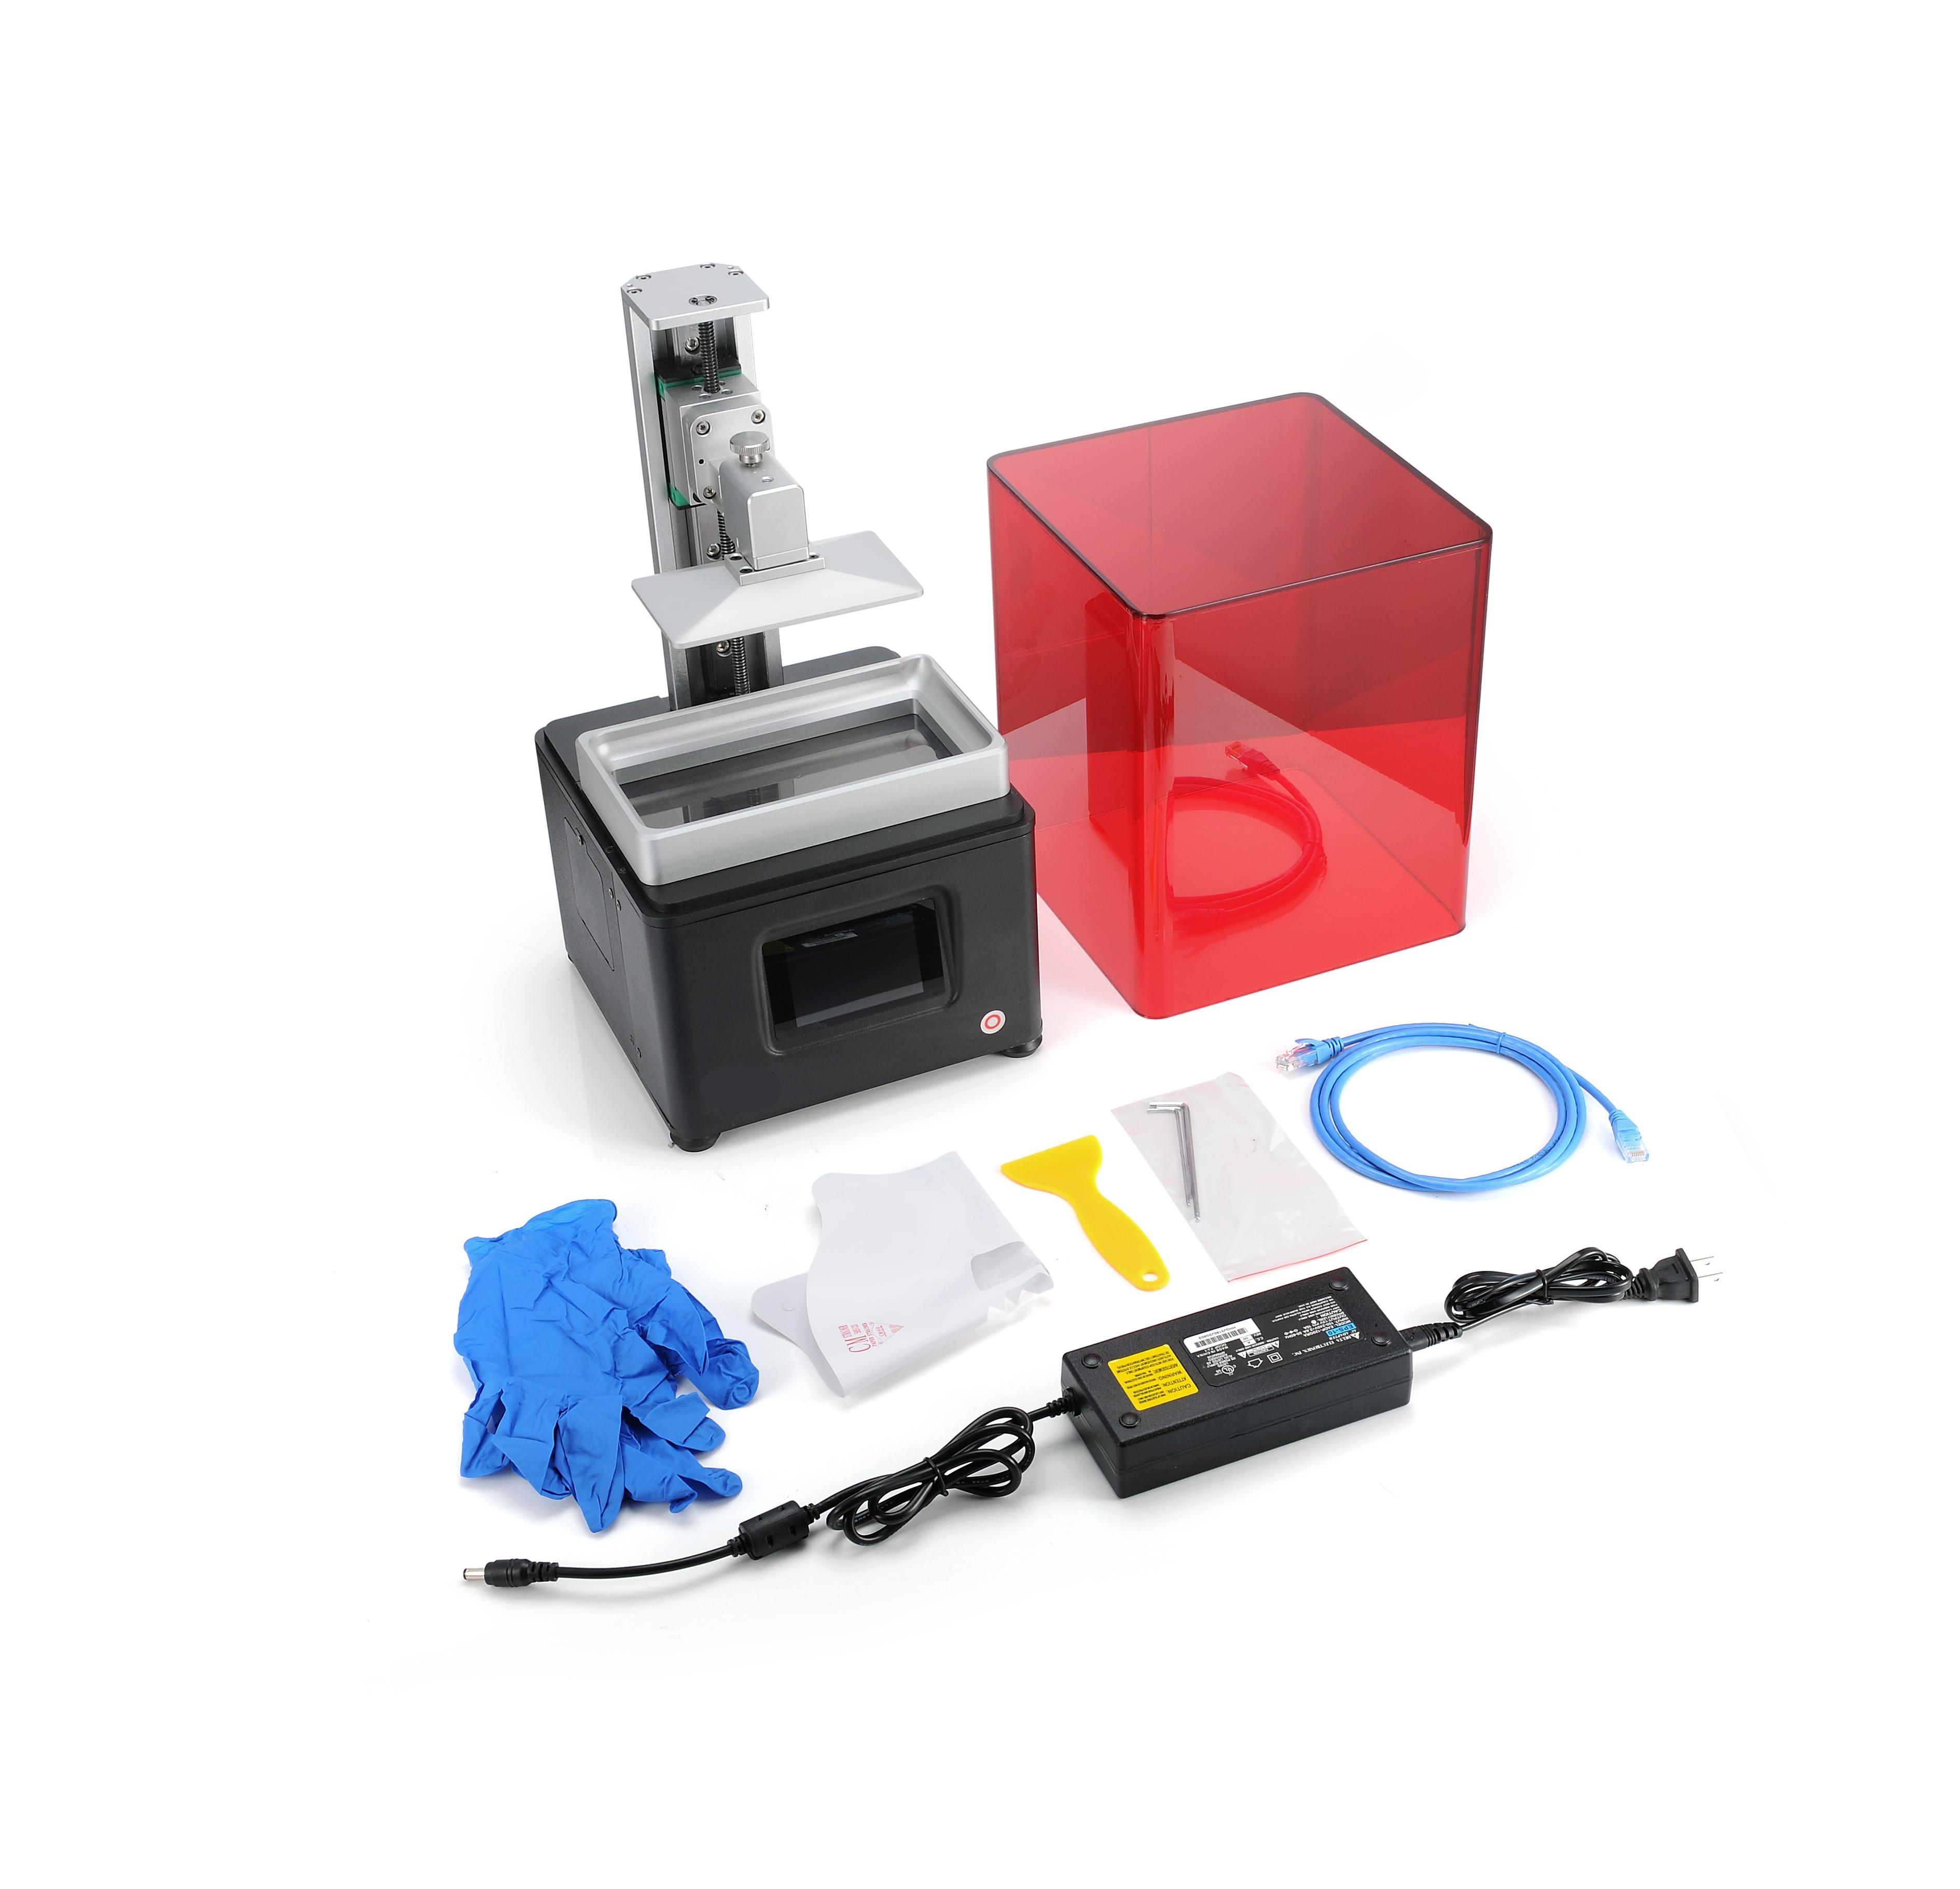 Desktop DLP 3D Printer I accessories